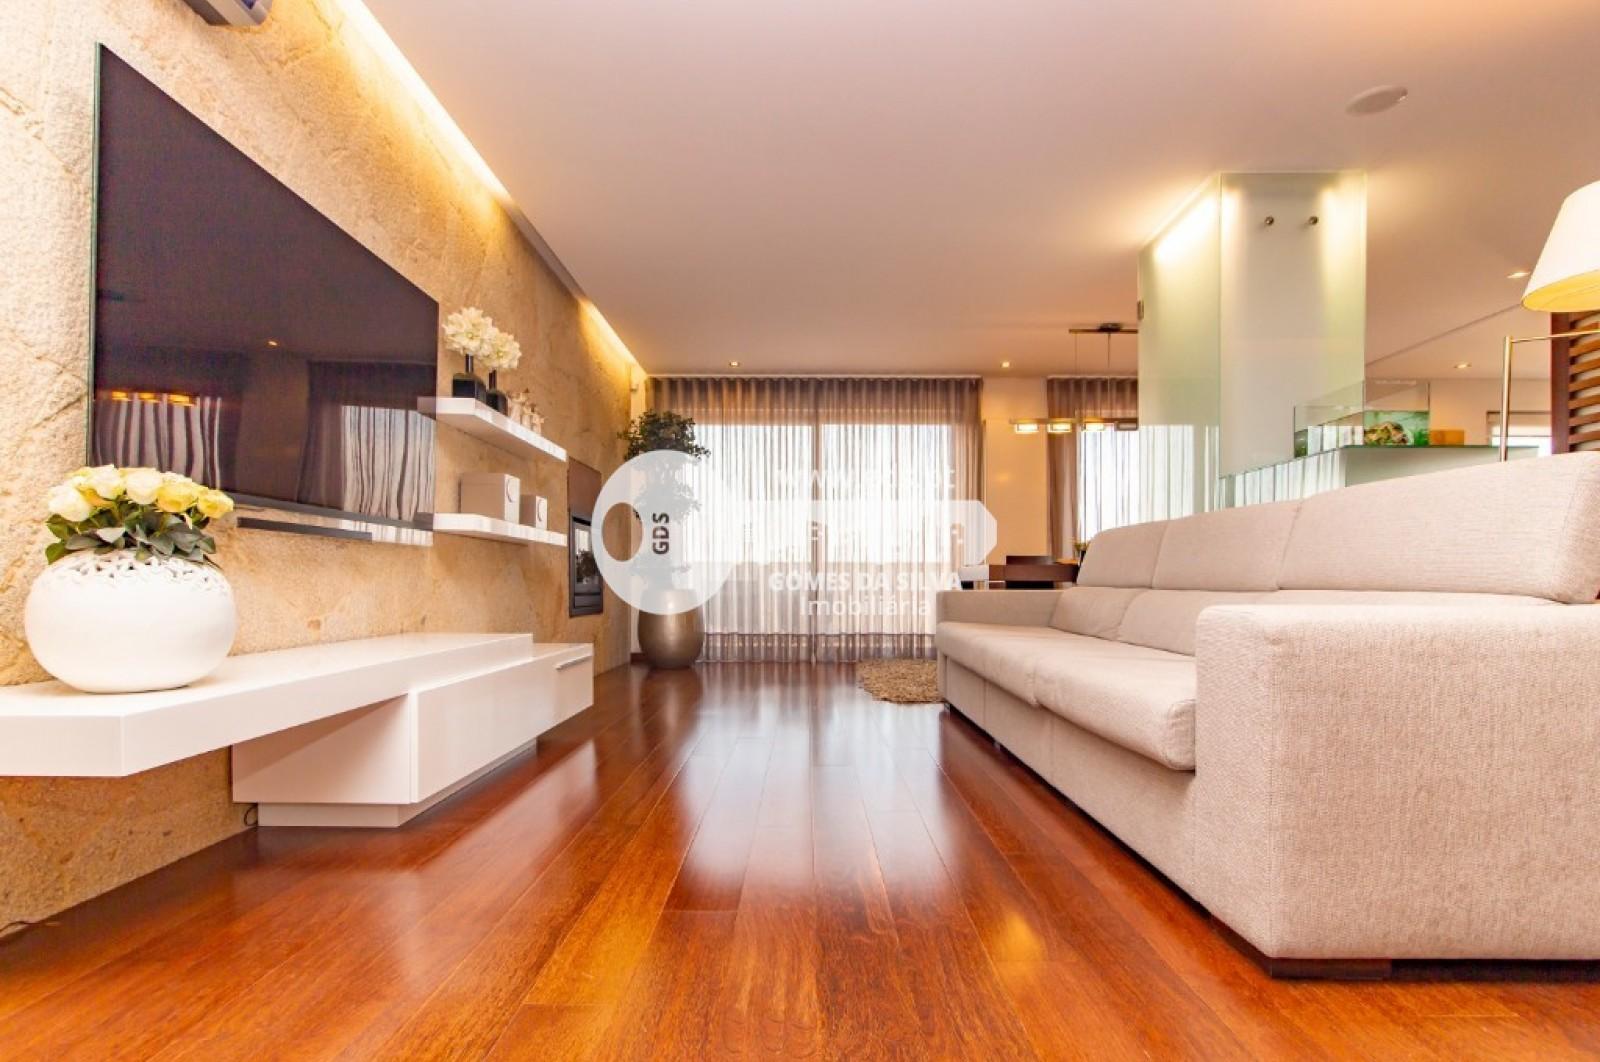 Apartamento T3 para Venda em Nogueira, Fraião e Lamaçães, Braga, Braga - Imagem 10